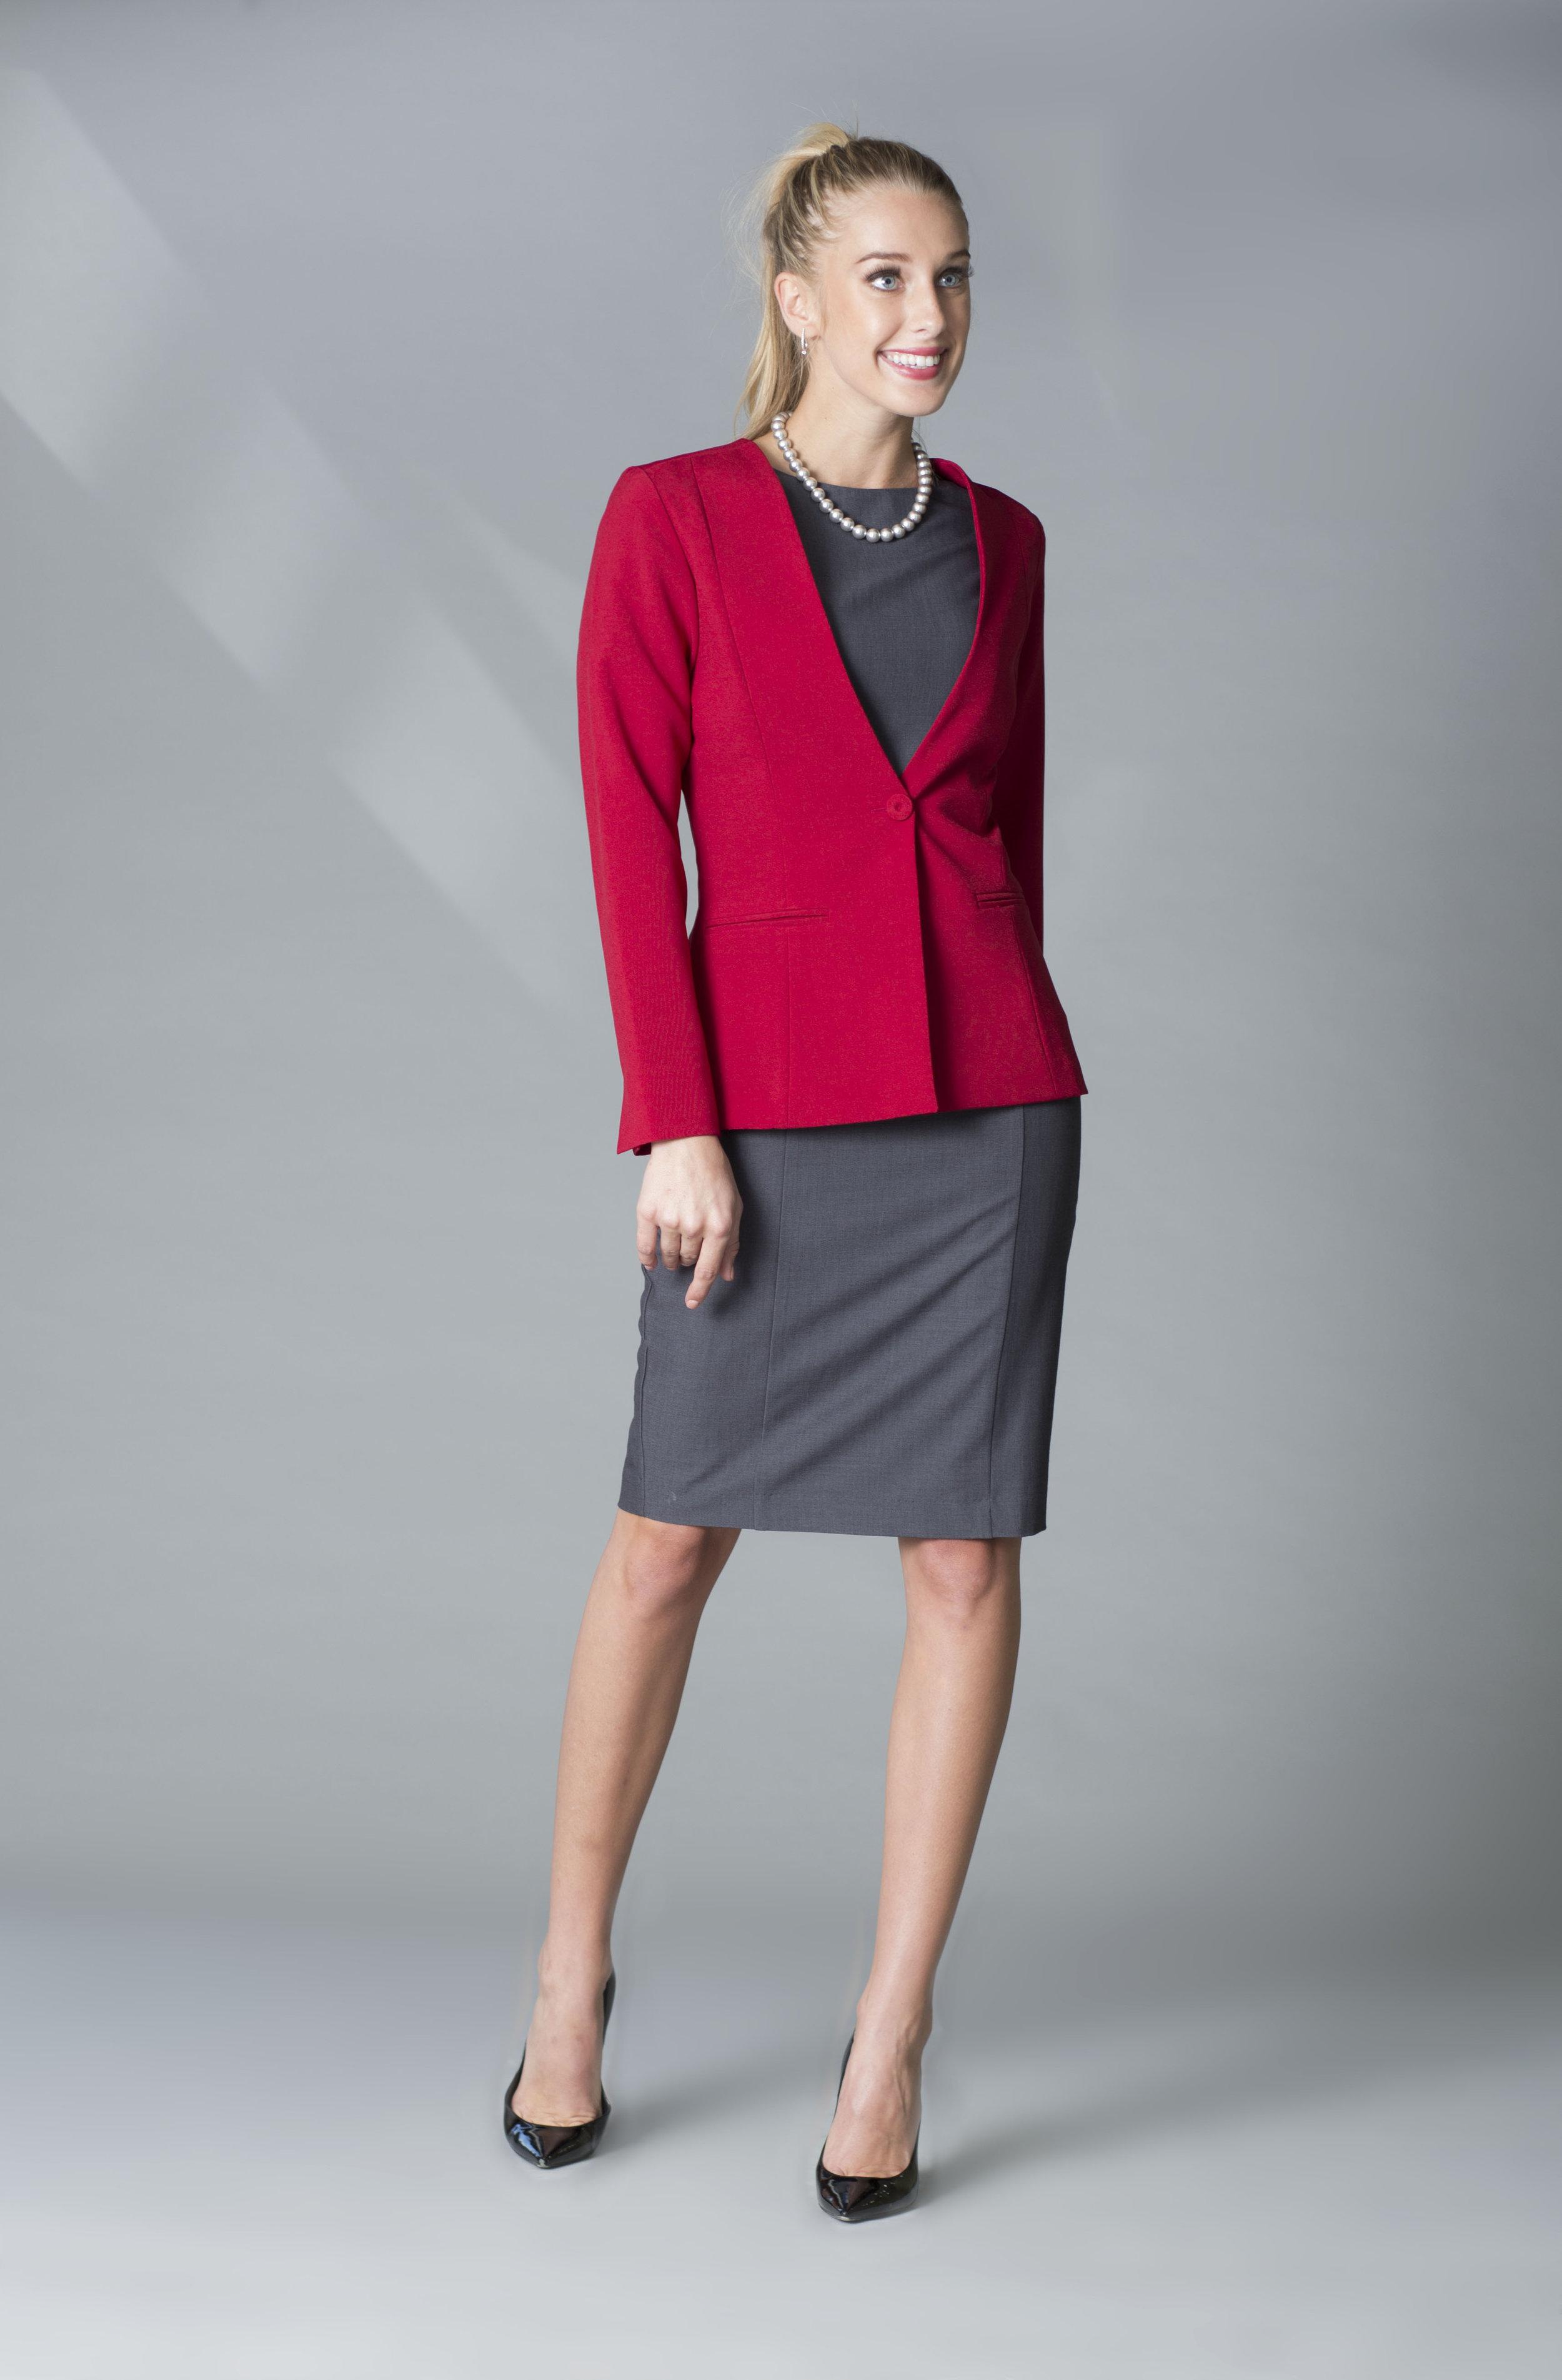 MDSN Vestido VV gris -saco rojo copy.jpg